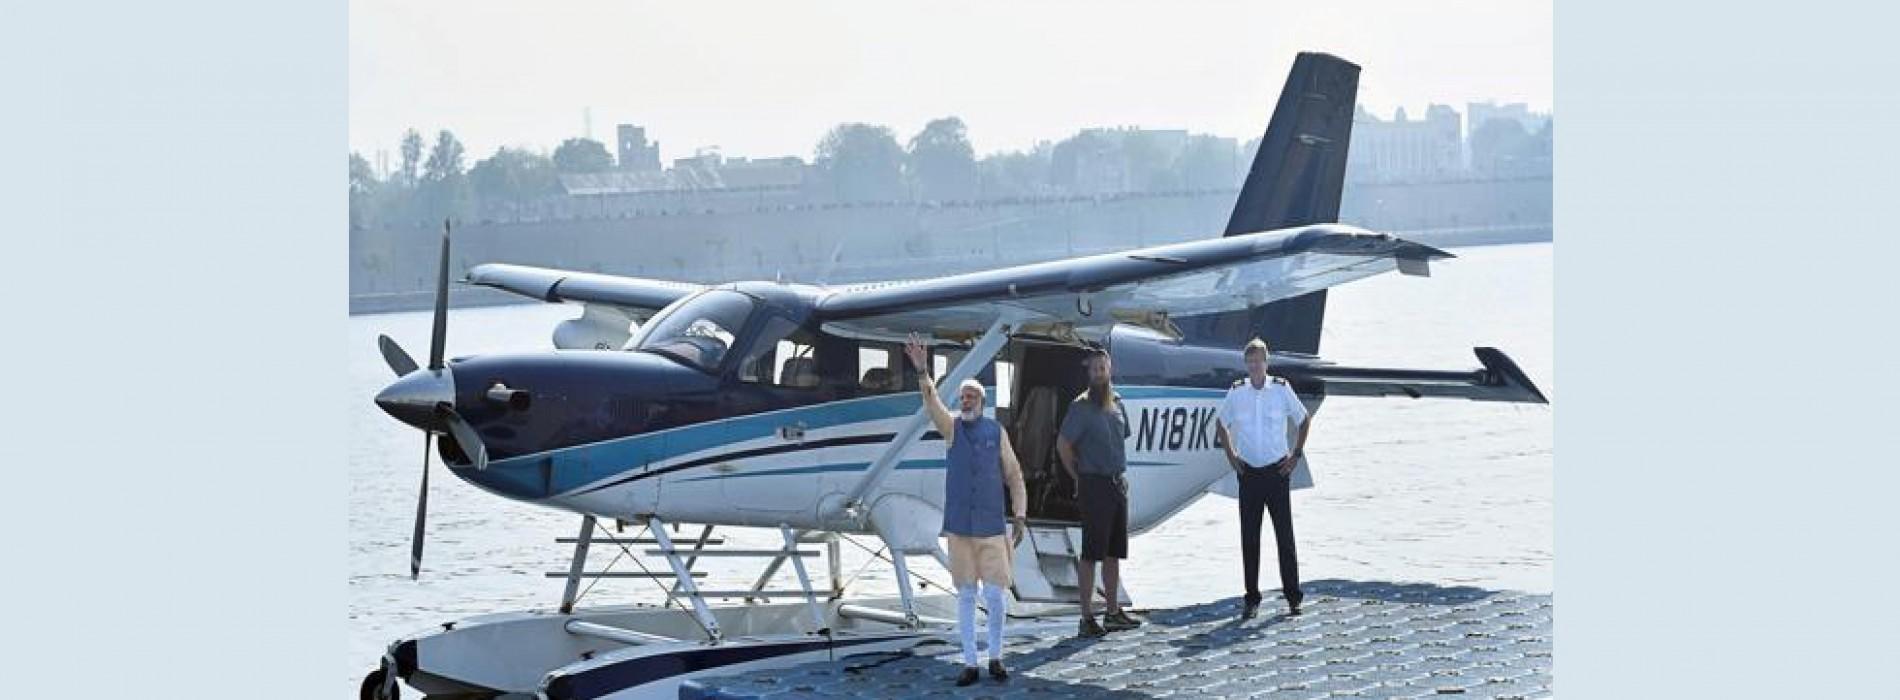 Seaplane flies with PM Narendra Modi on board